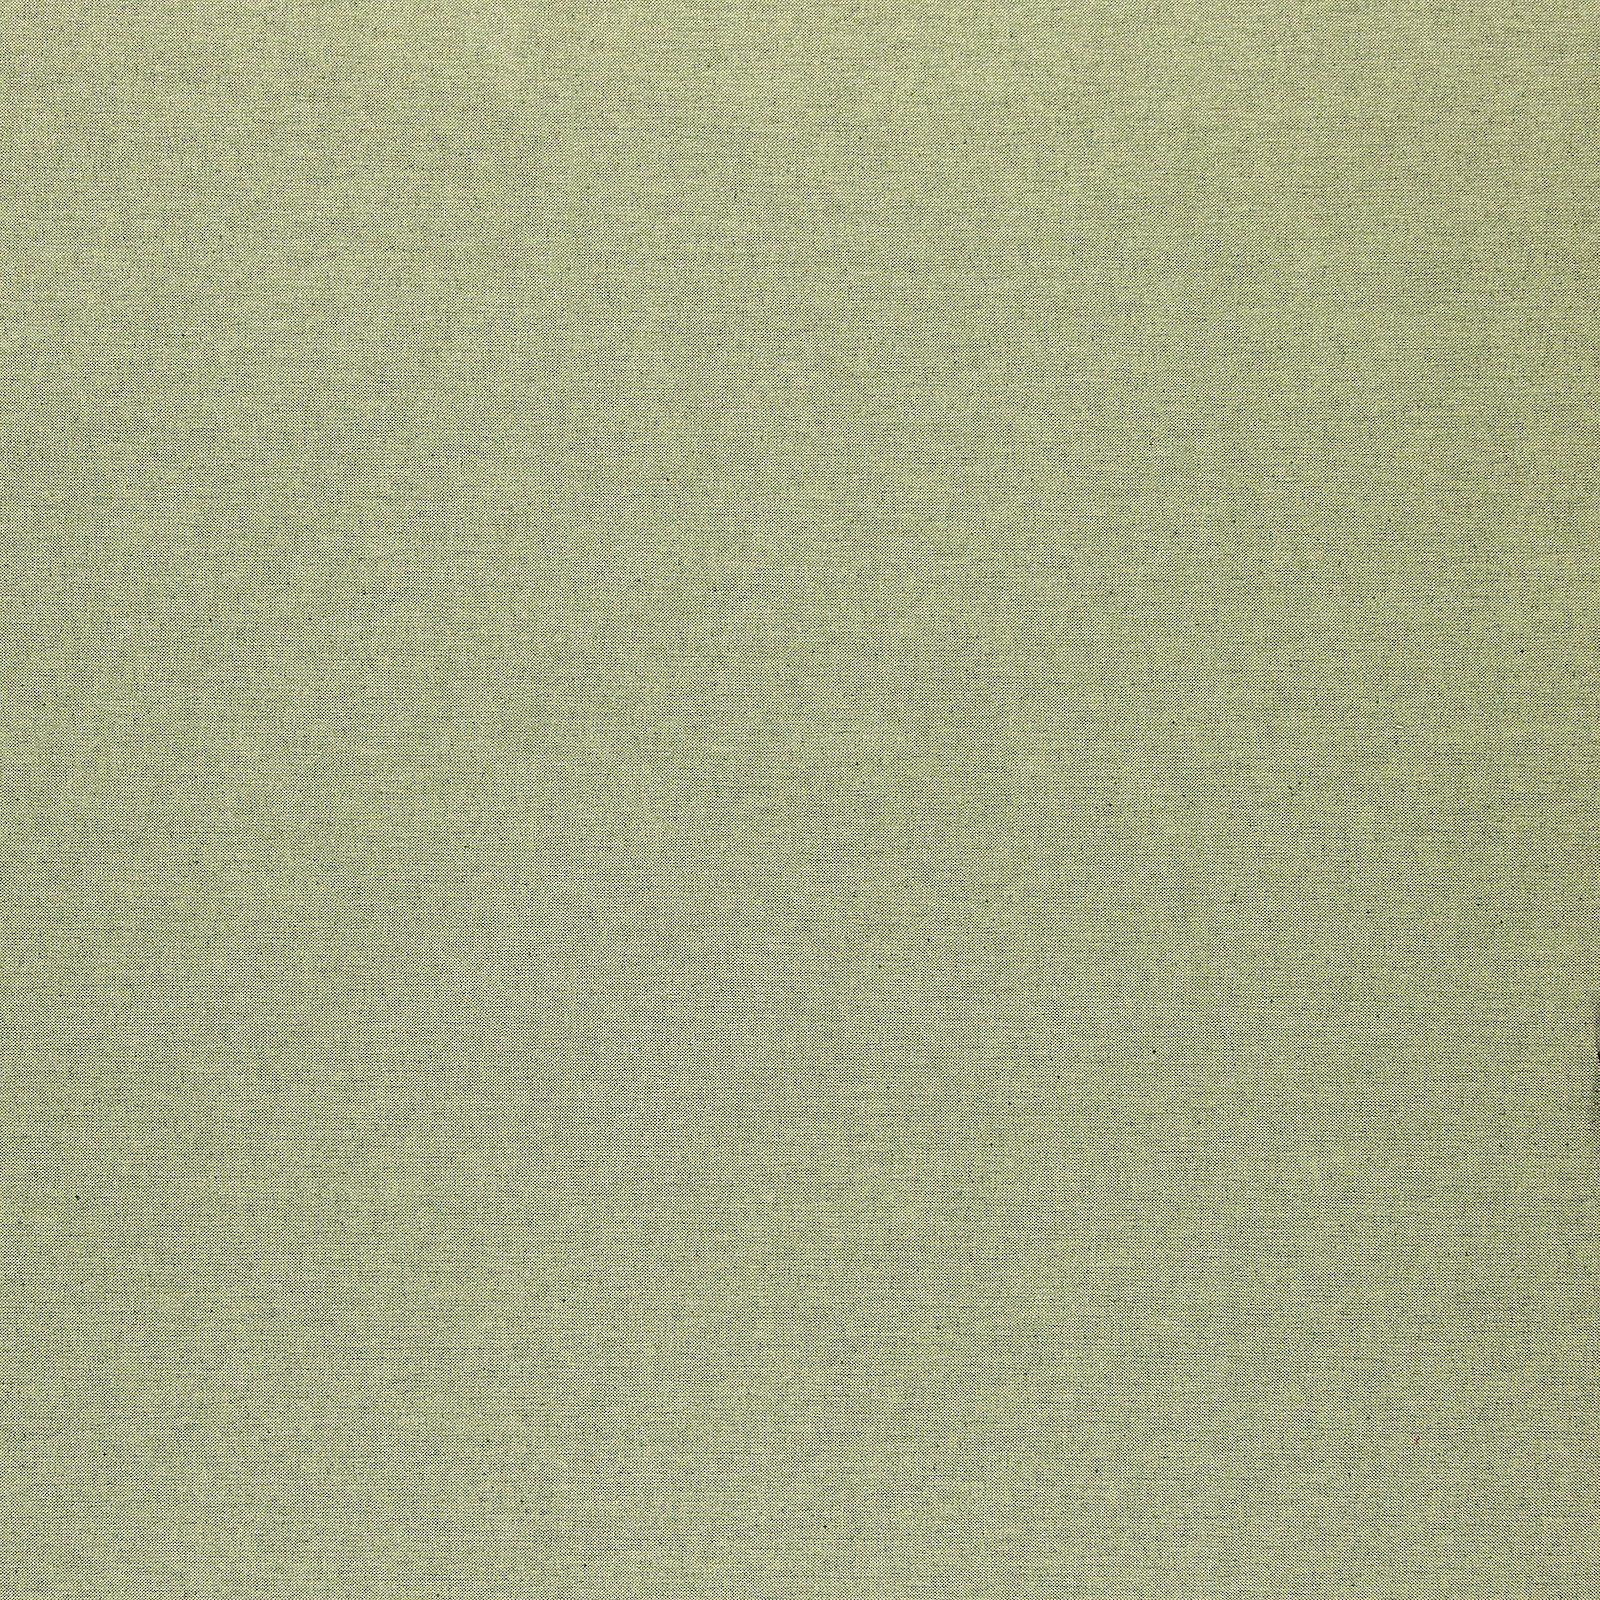 Textilwachstuch Leinenlook Flaschengrün 872303_pack_solid